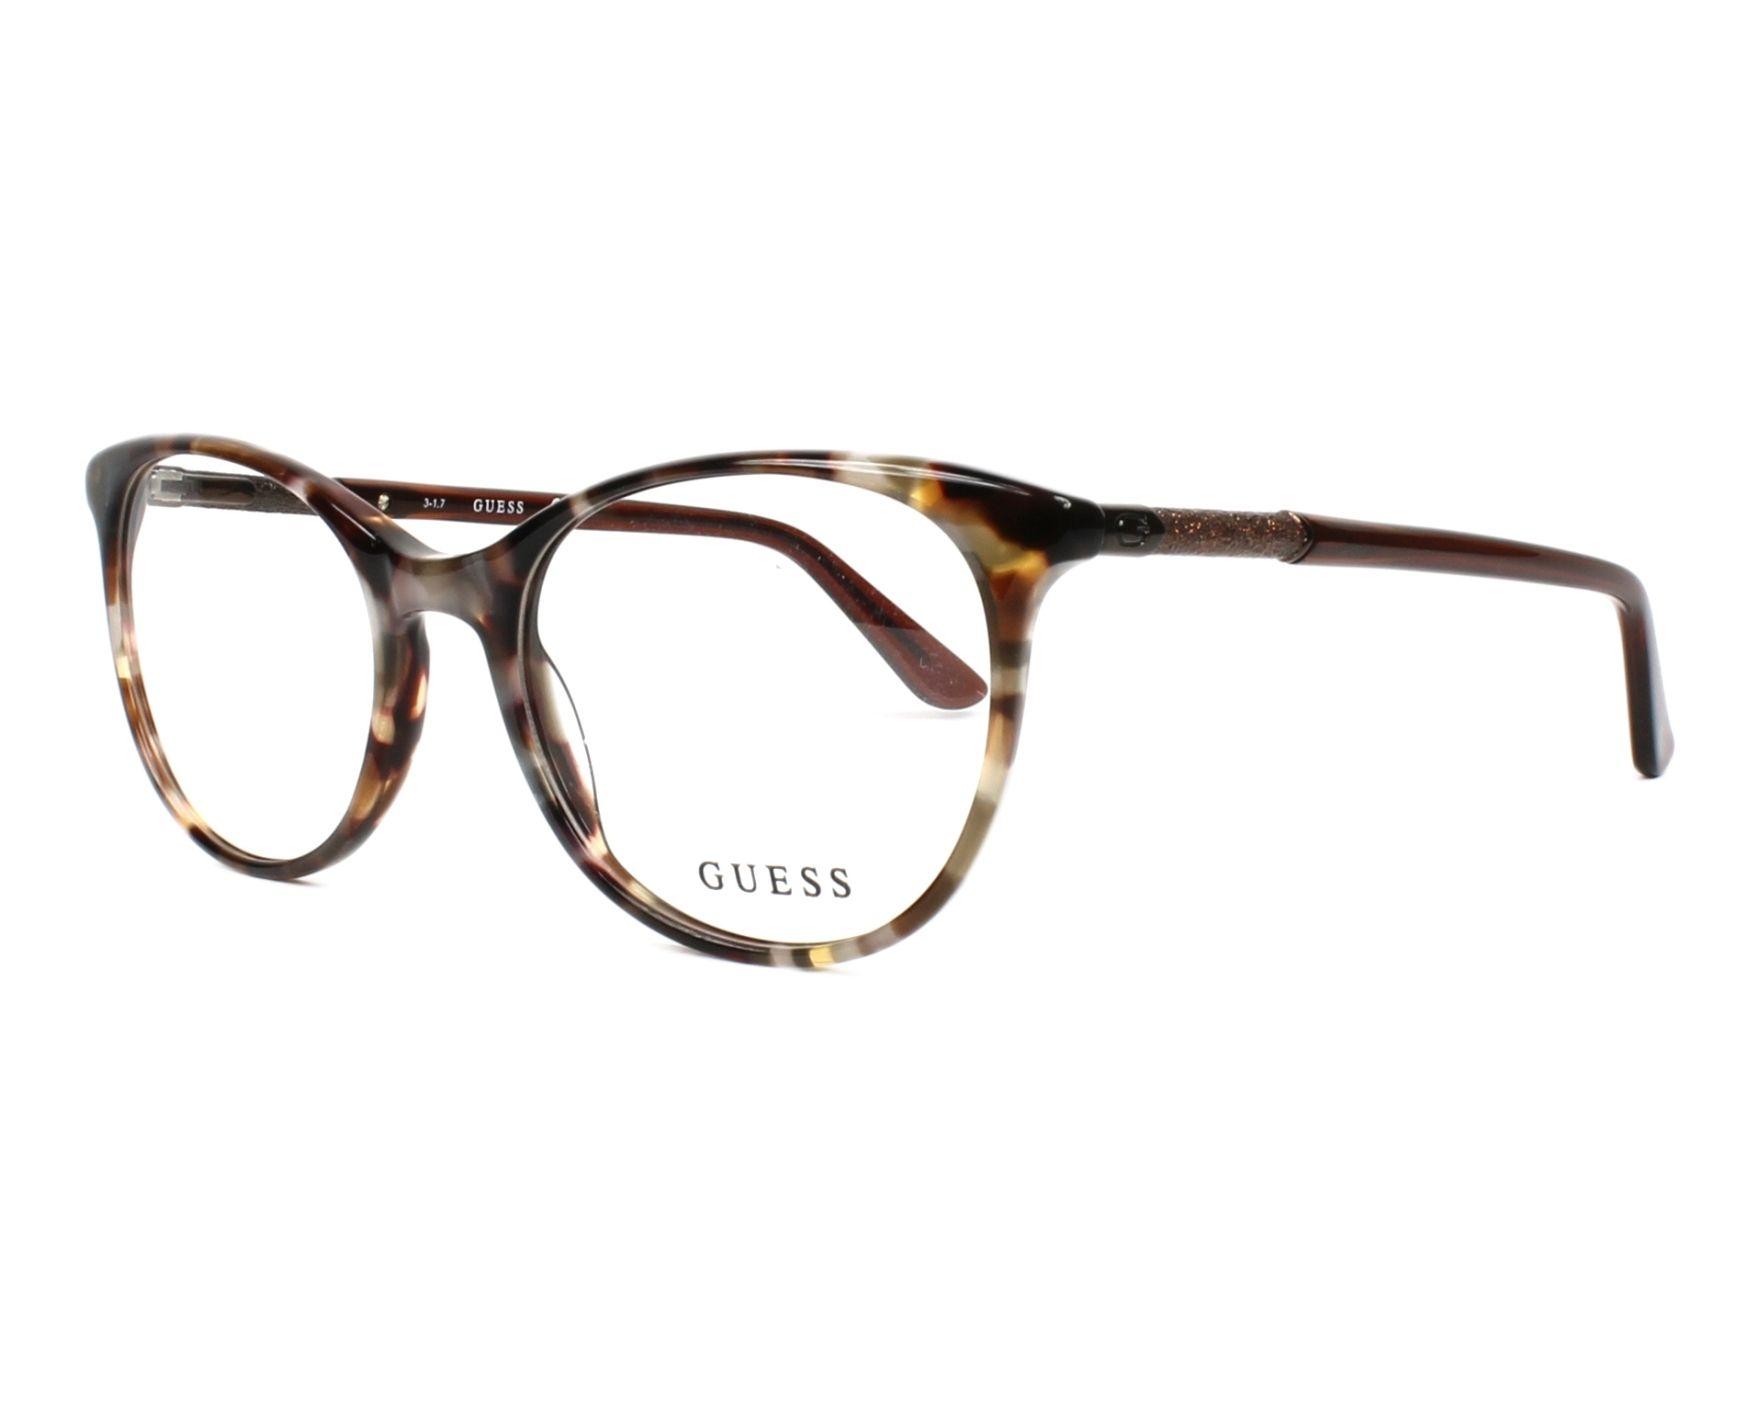 lunettes de vue guess gu 2657 053 marron. Black Bedroom Furniture Sets. Home Design Ideas